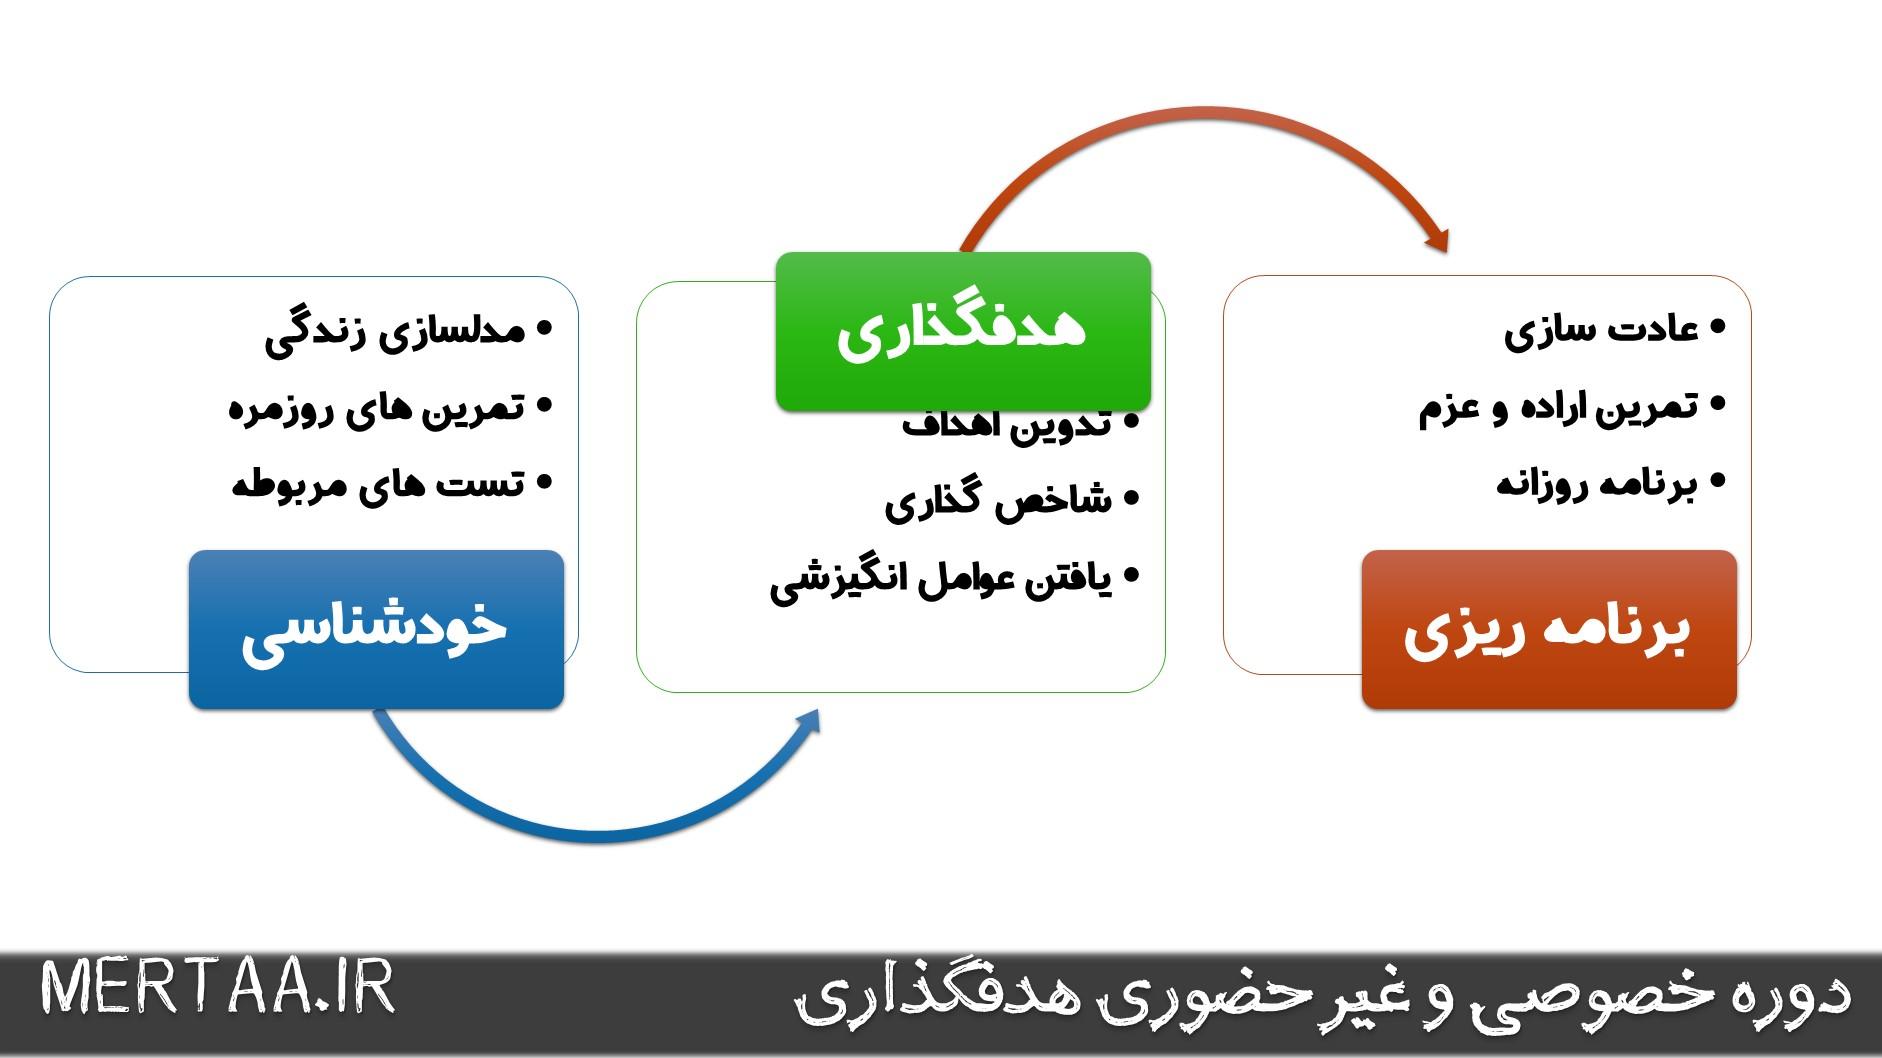 برنامه دوره خصوصی و غیرحضوری هدفگذاری